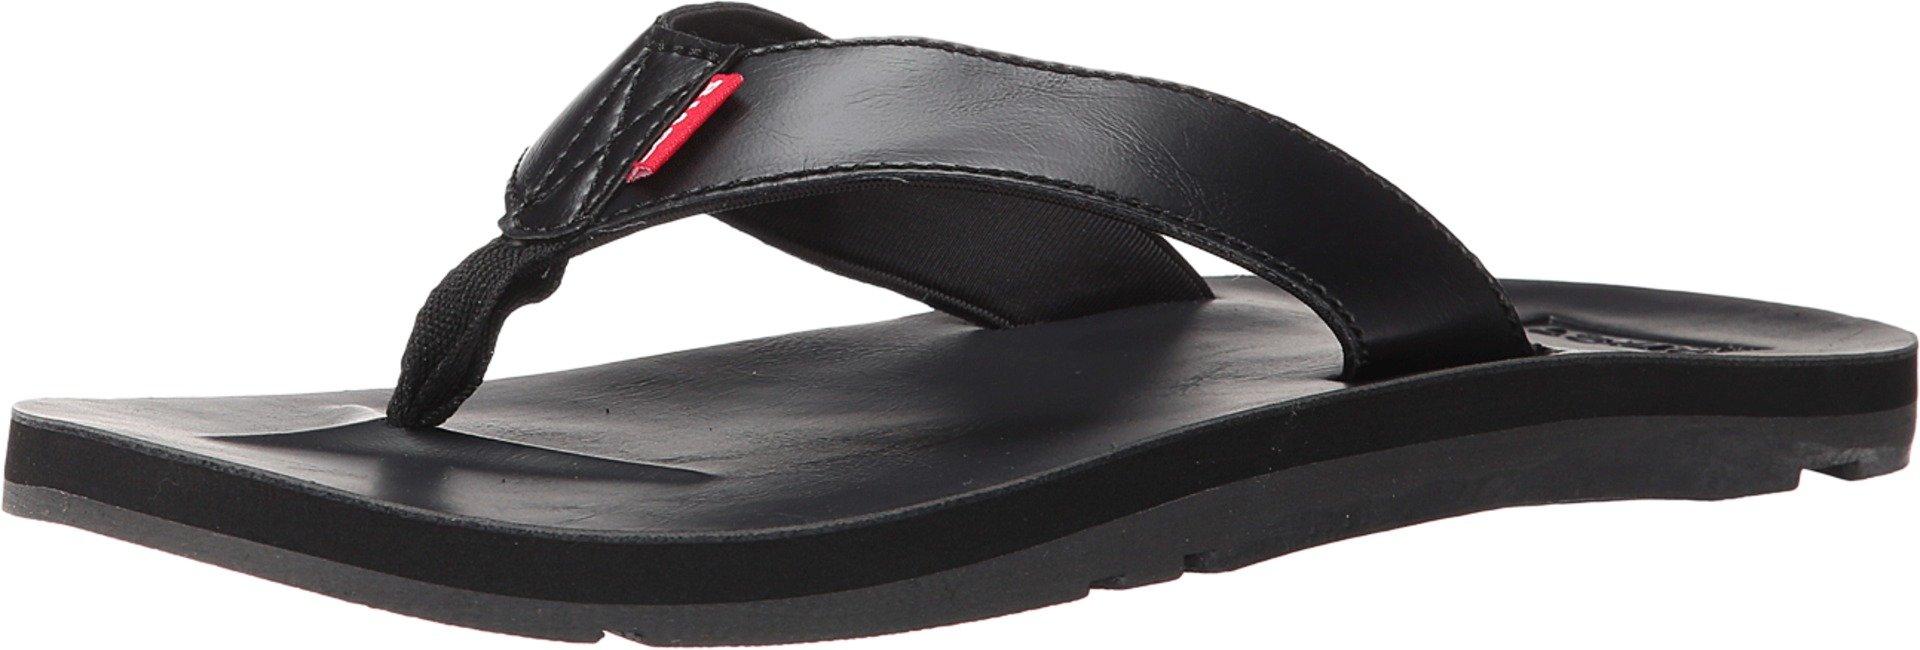 8b6d06d0ee931 Galleon - Levi's Shoes Men's Heartland LE J2 Black 2 Sandal